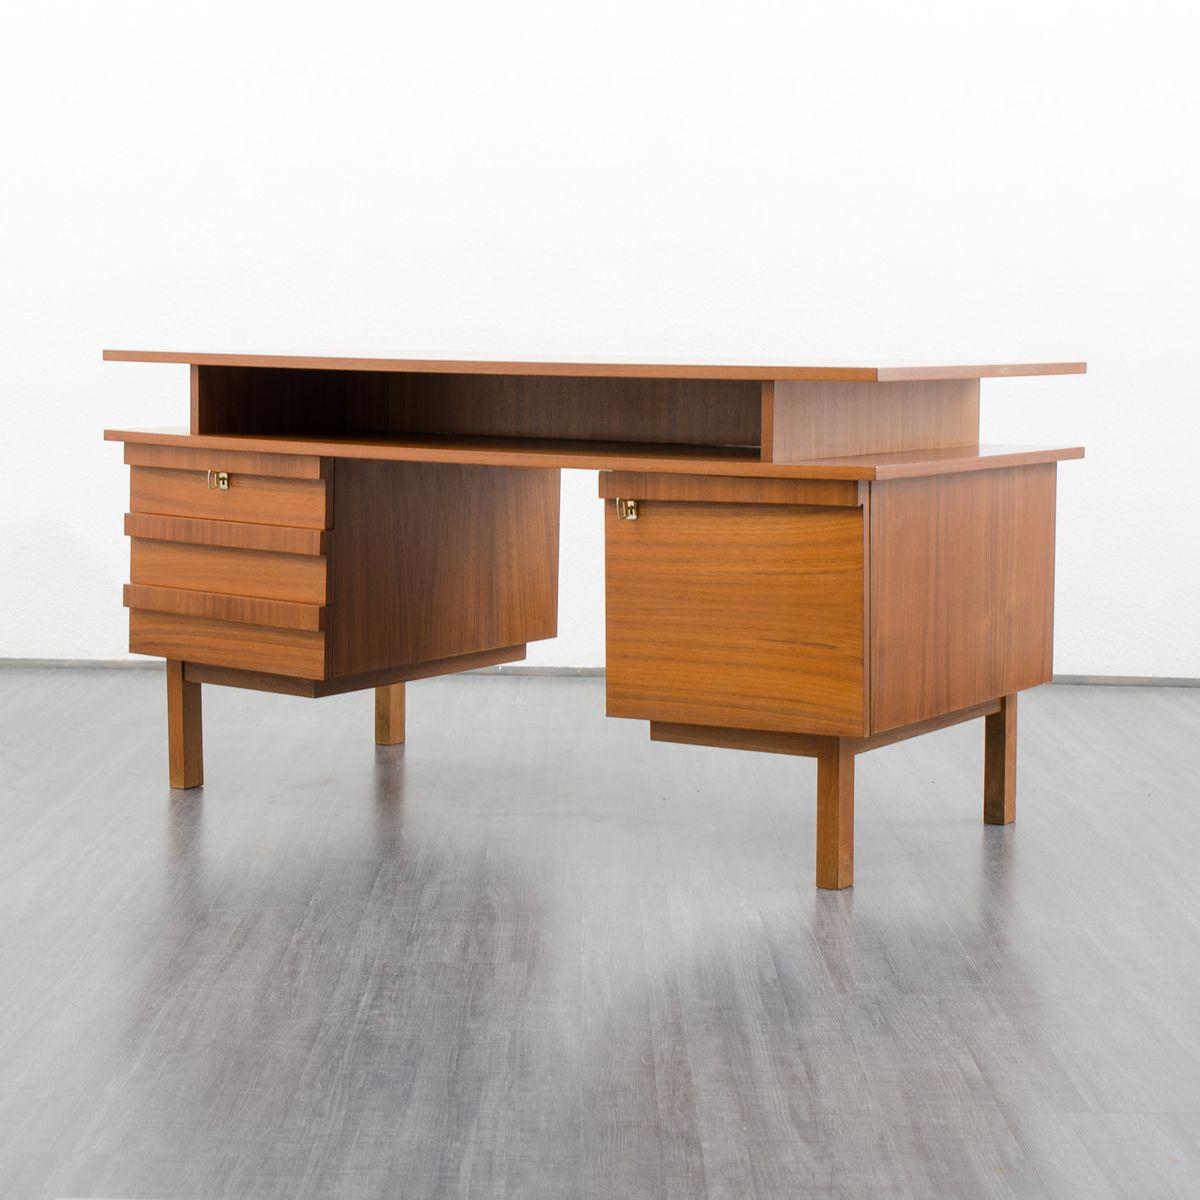 kubischer mid century schreibtisch deutschland 1960er bei pamono kaufen. Black Bedroom Furniture Sets. Home Design Ideas